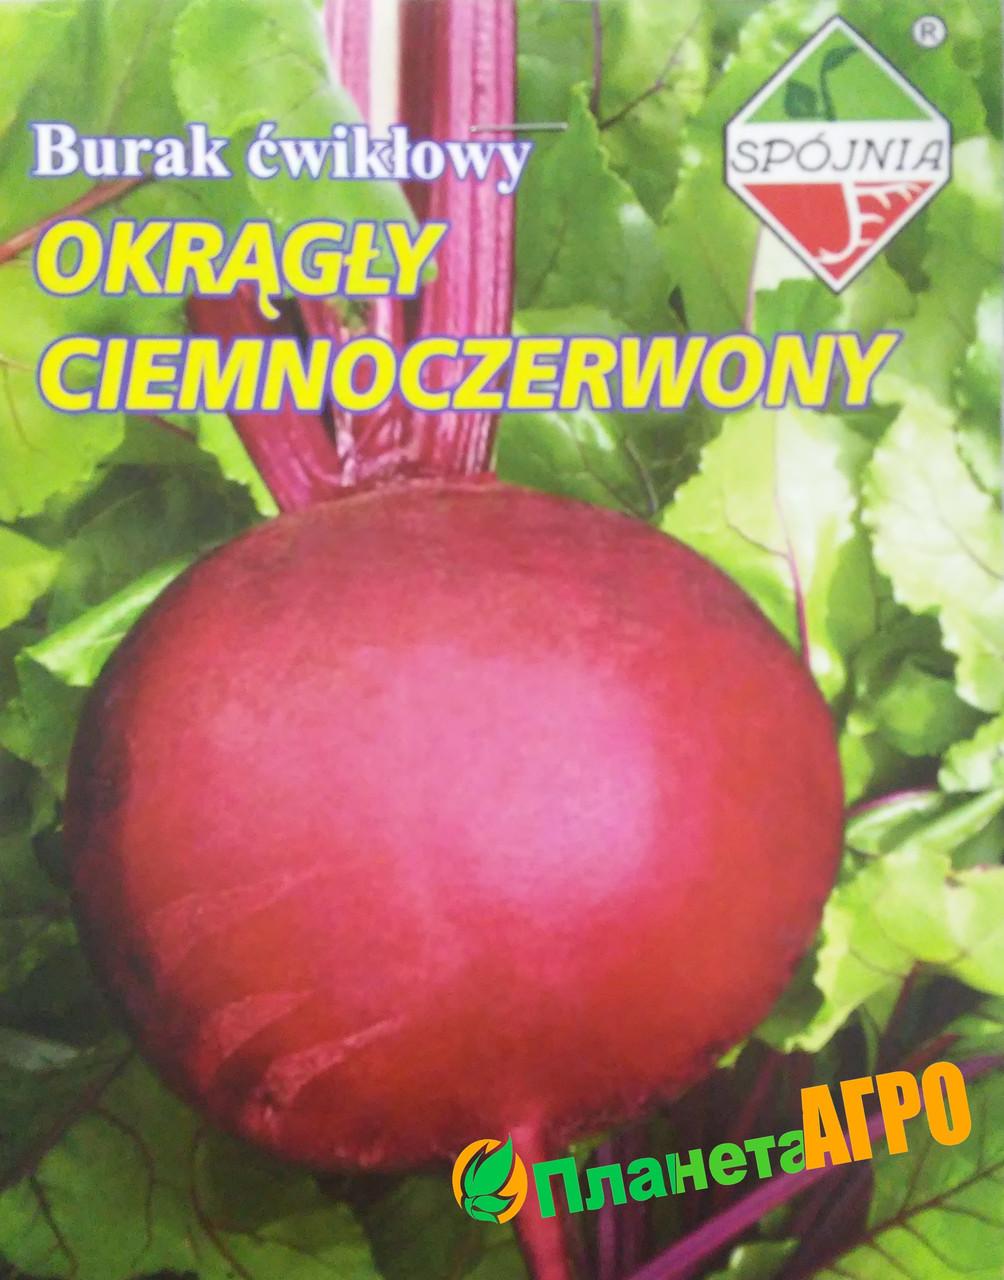 Семена свеклы Okragly Ciemnoczerwony, раннеспелая 15 г, Польша